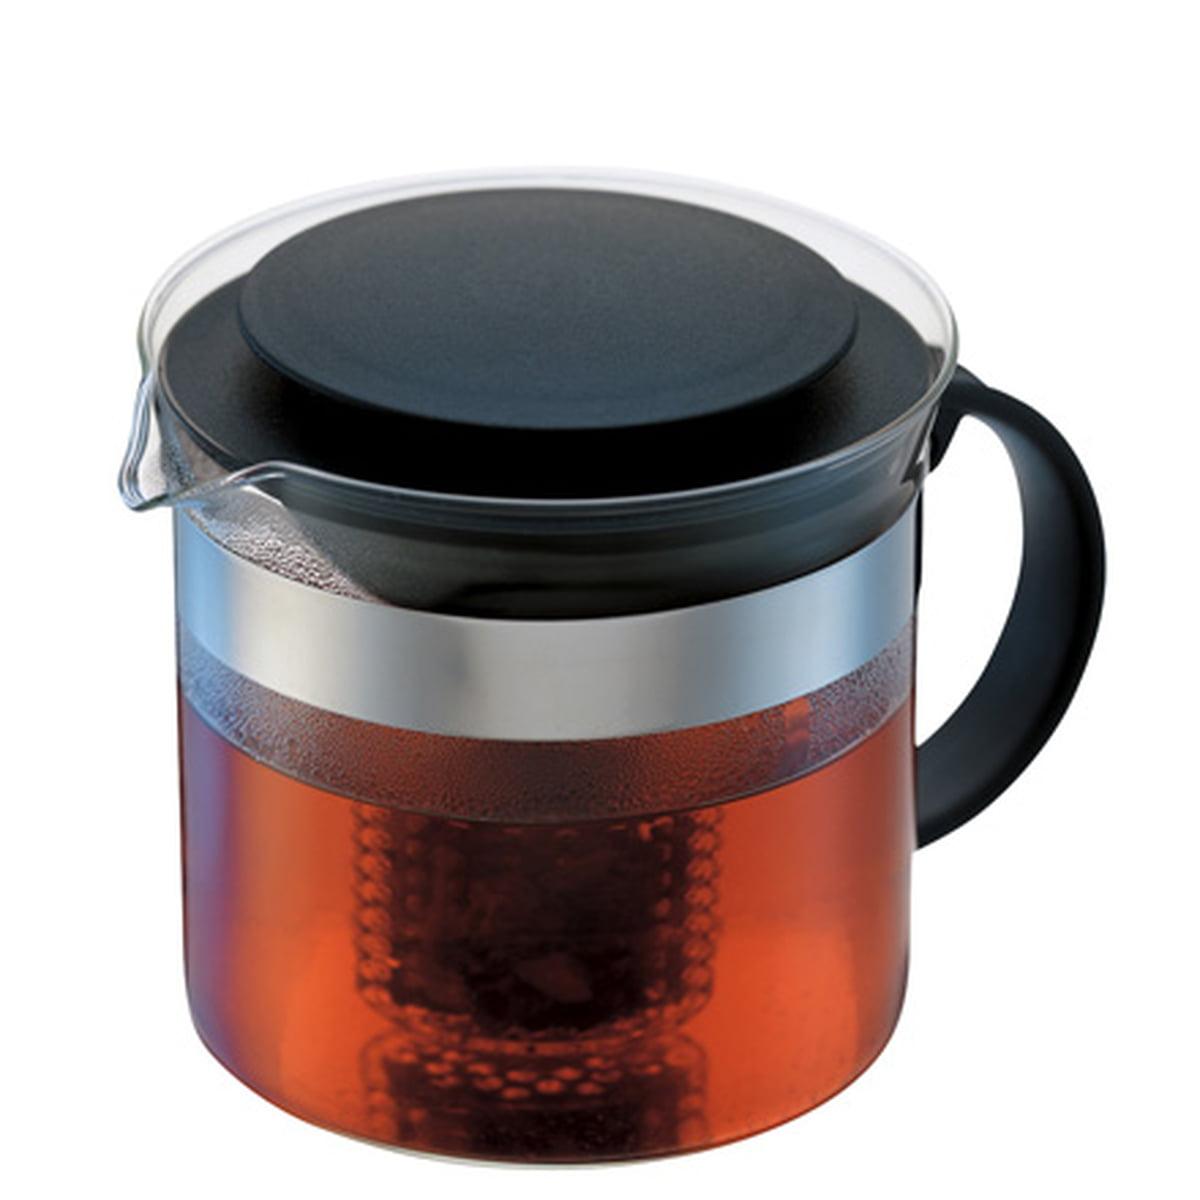 Bodum - Bistro Nouveau, Teebereiter, 1.0 l | Küche und Esszimmer > Kaffee und Tee | Transparent -  durchsichtig | Borosilicatglas -  kunststoff -  edelstahl | Bodum